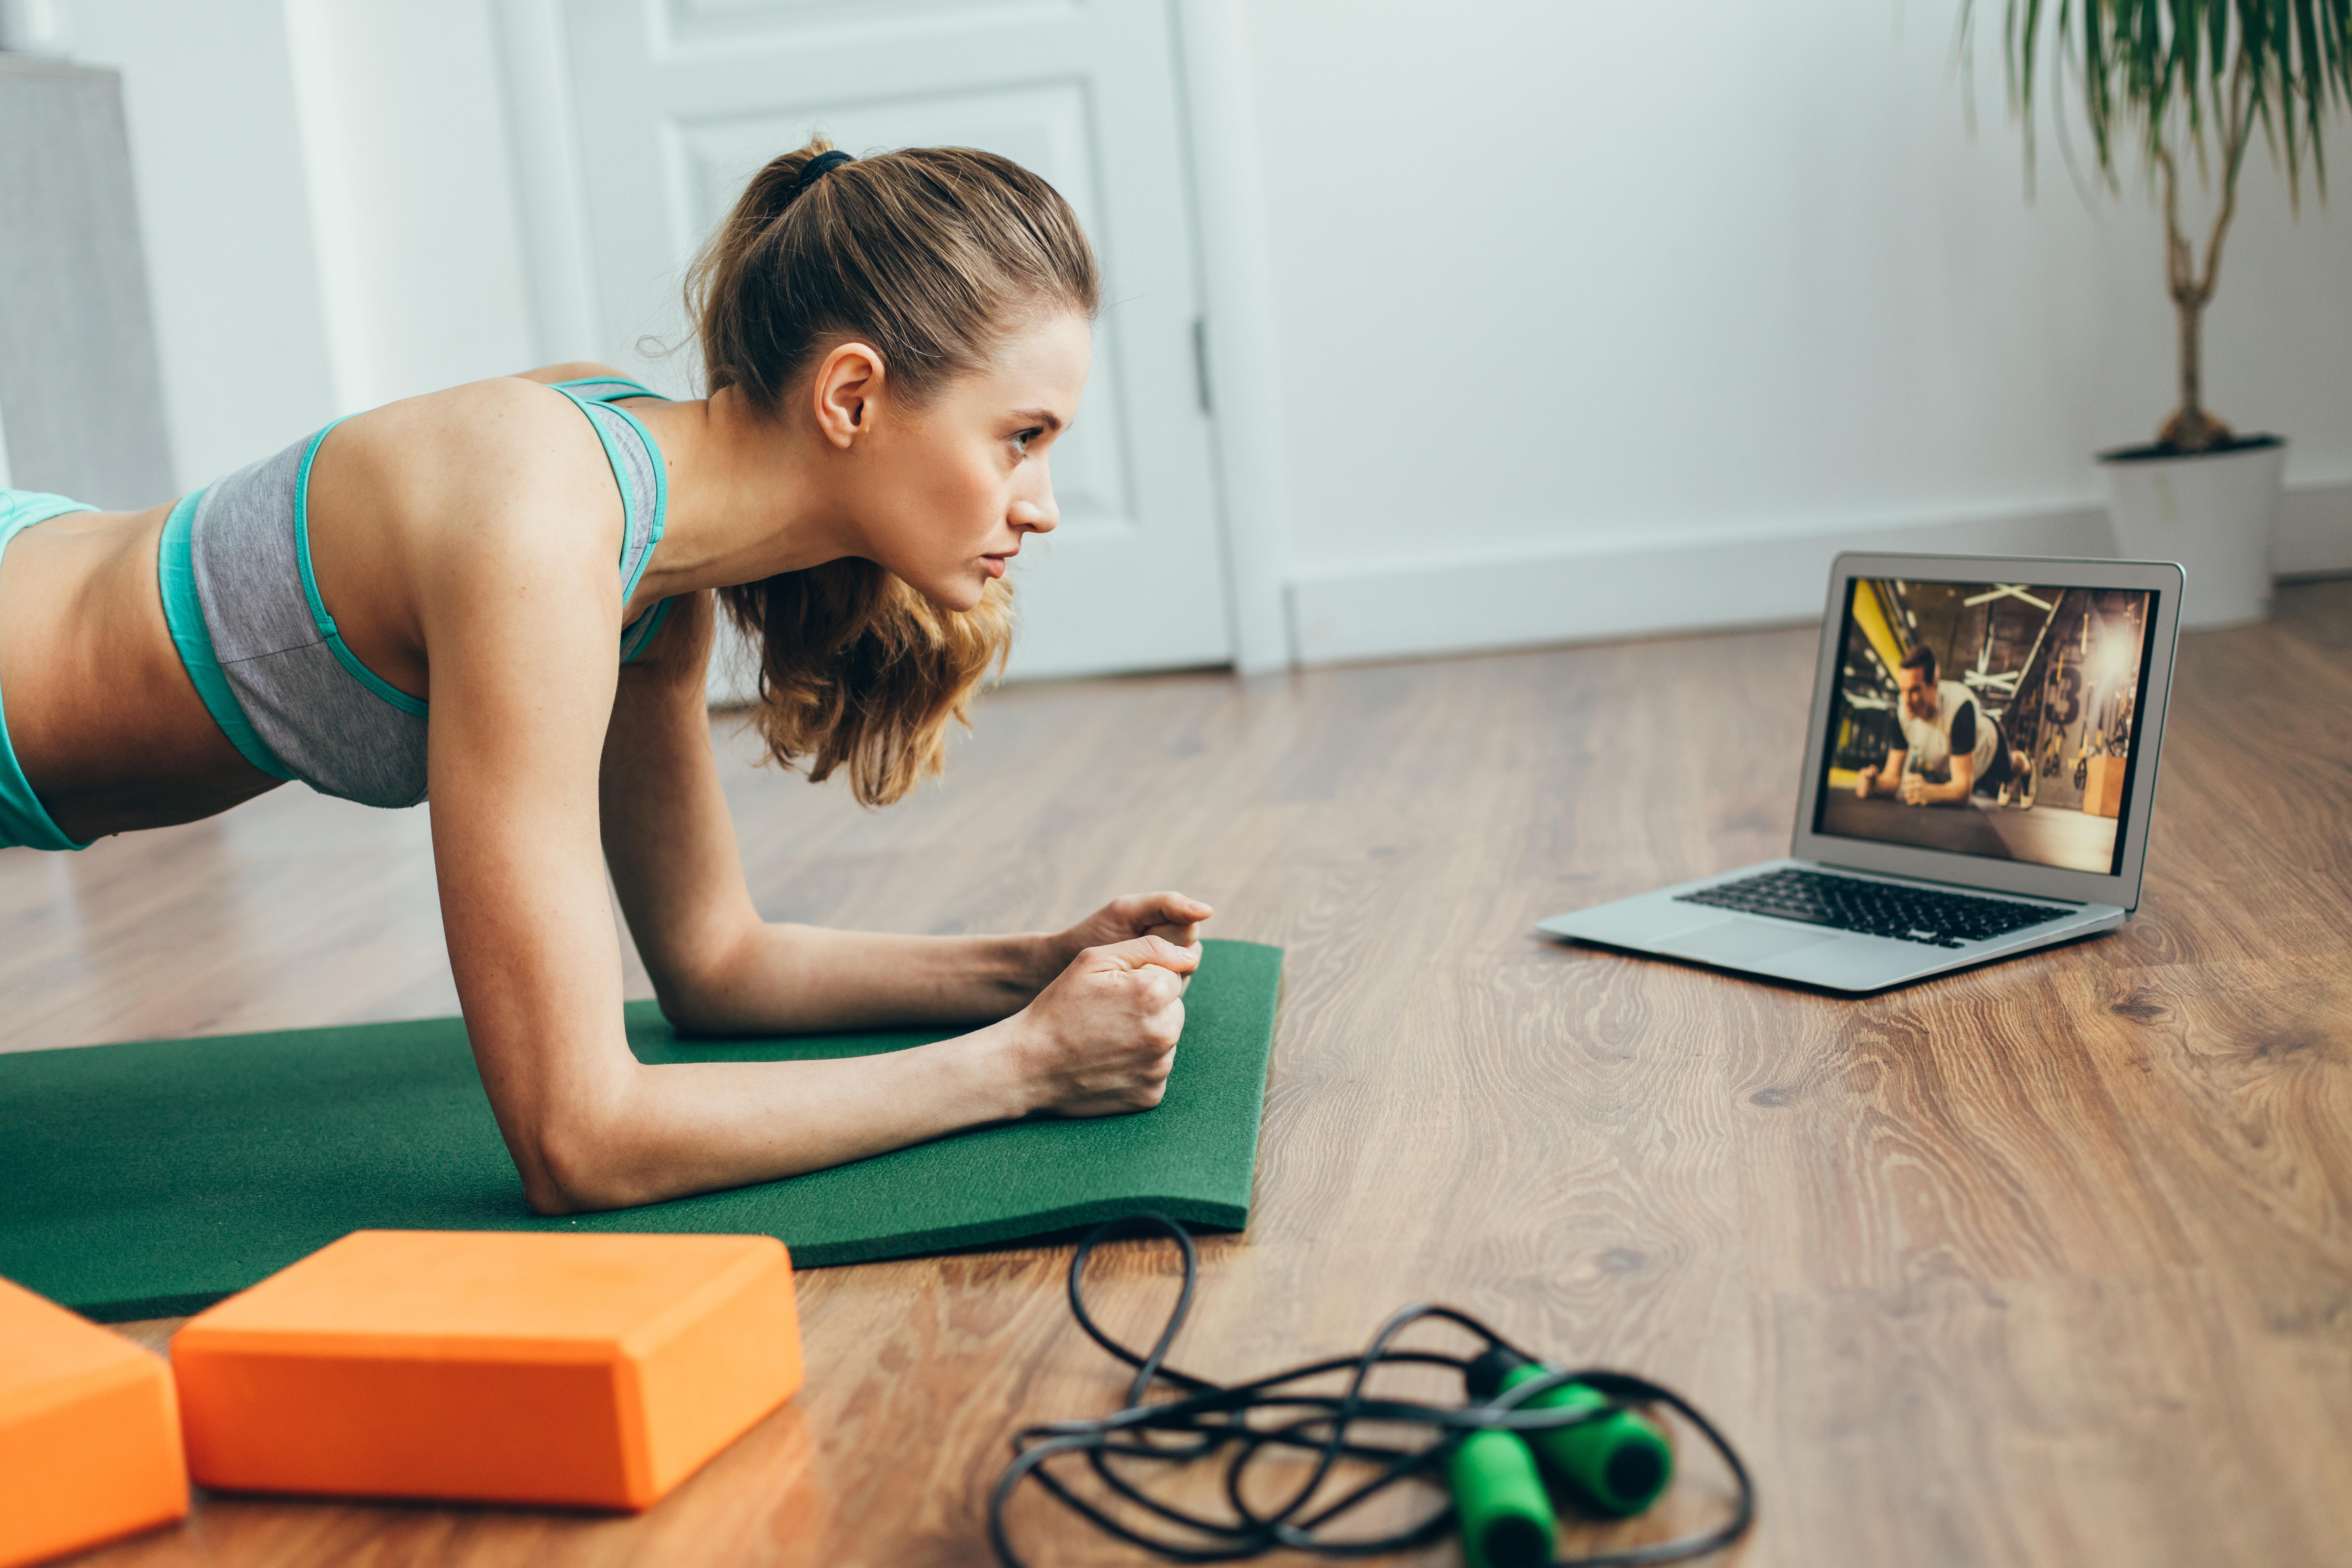 L'exercice peut prévenir ou au moins réduire la gravité du syndrome de détresse respiratoire aiguë qui affecte entre 3% et 17% des patients atteints de COVID-19.